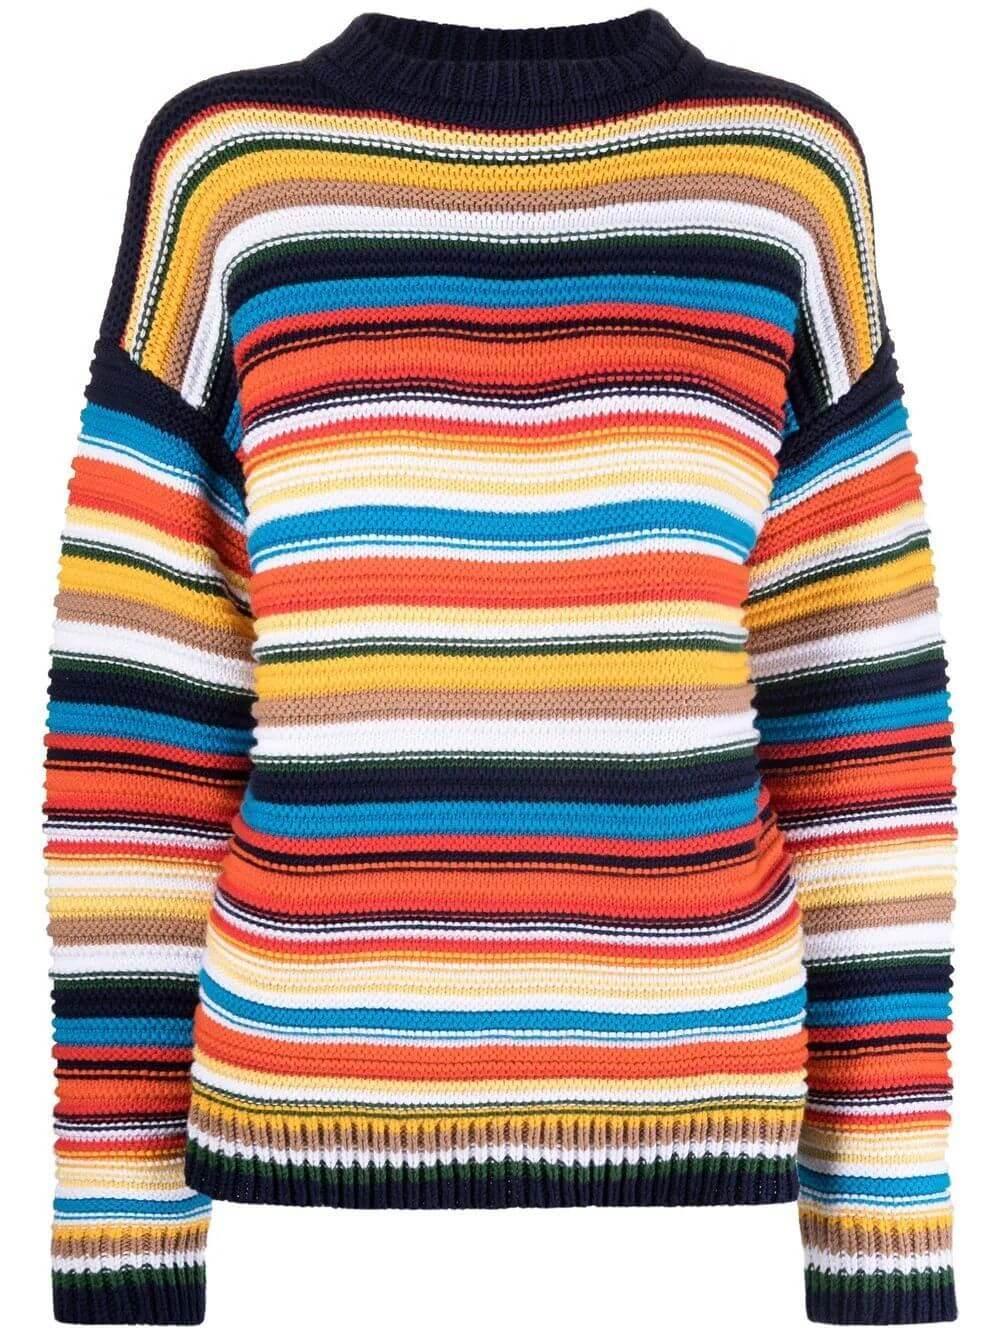 Multi Striped Sweater Item # 2321KJU002801A